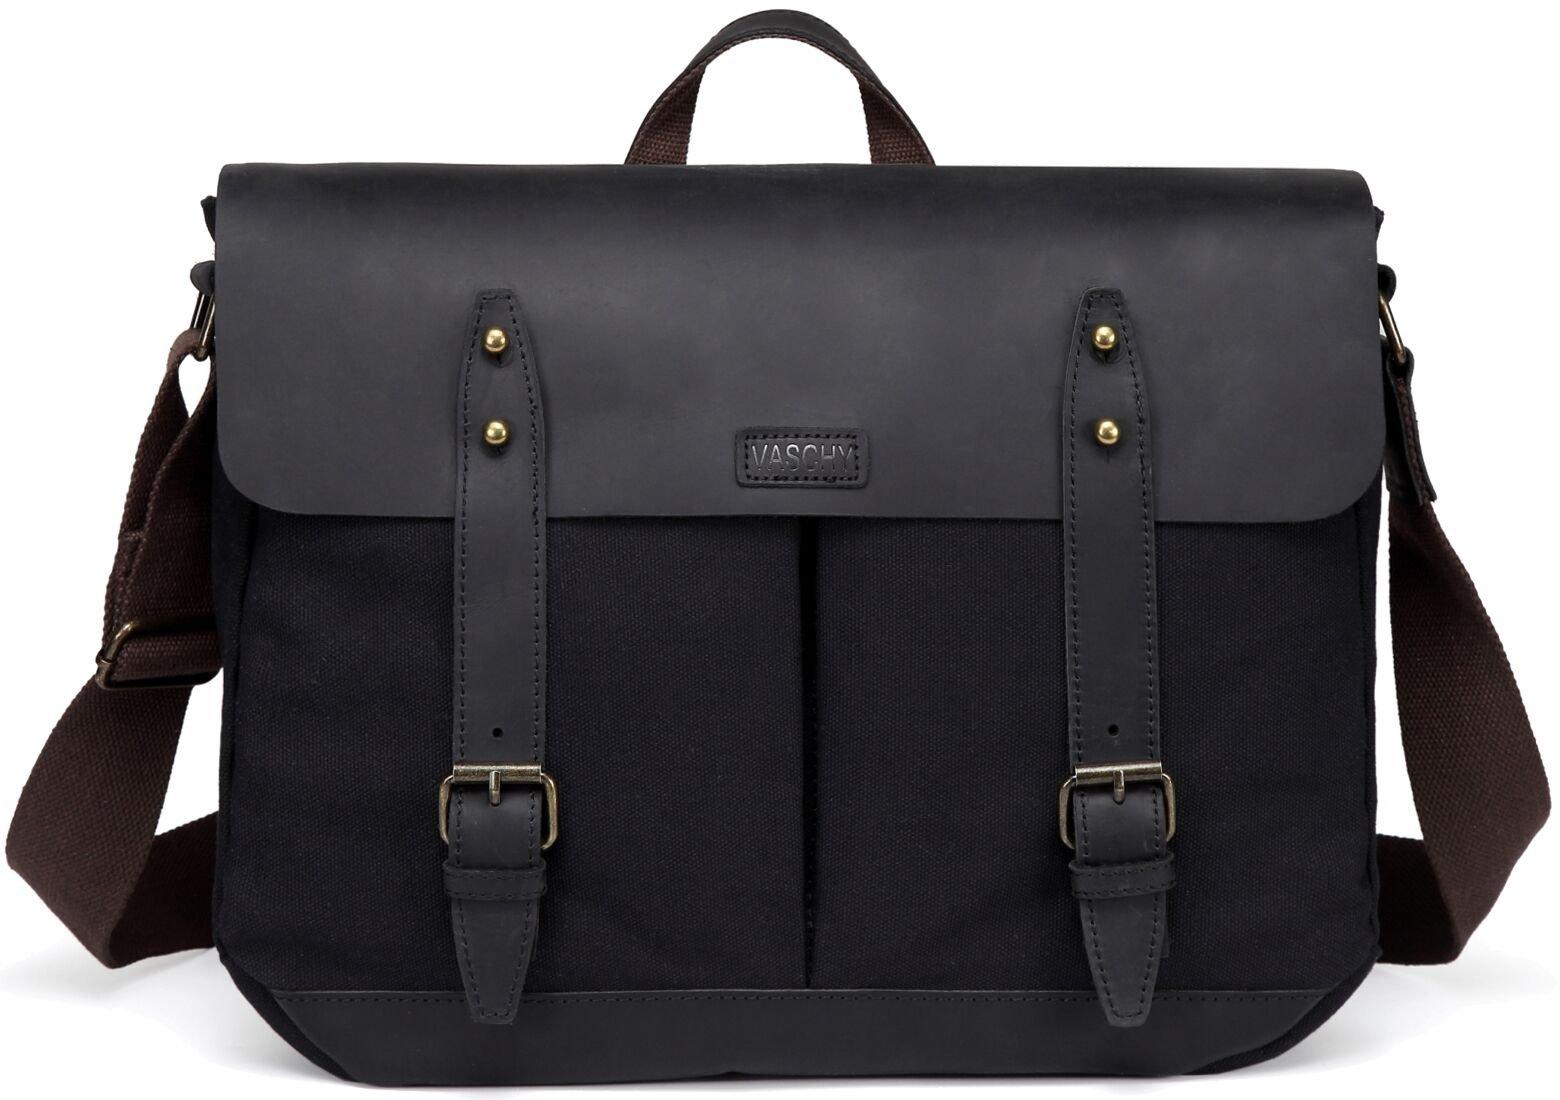 Black Leather Messenger Bag for Men,VASCHY Vintage Satchel 15.6 inch Laptop Business Briefcase Shoulder Bag with Top Lift Handle